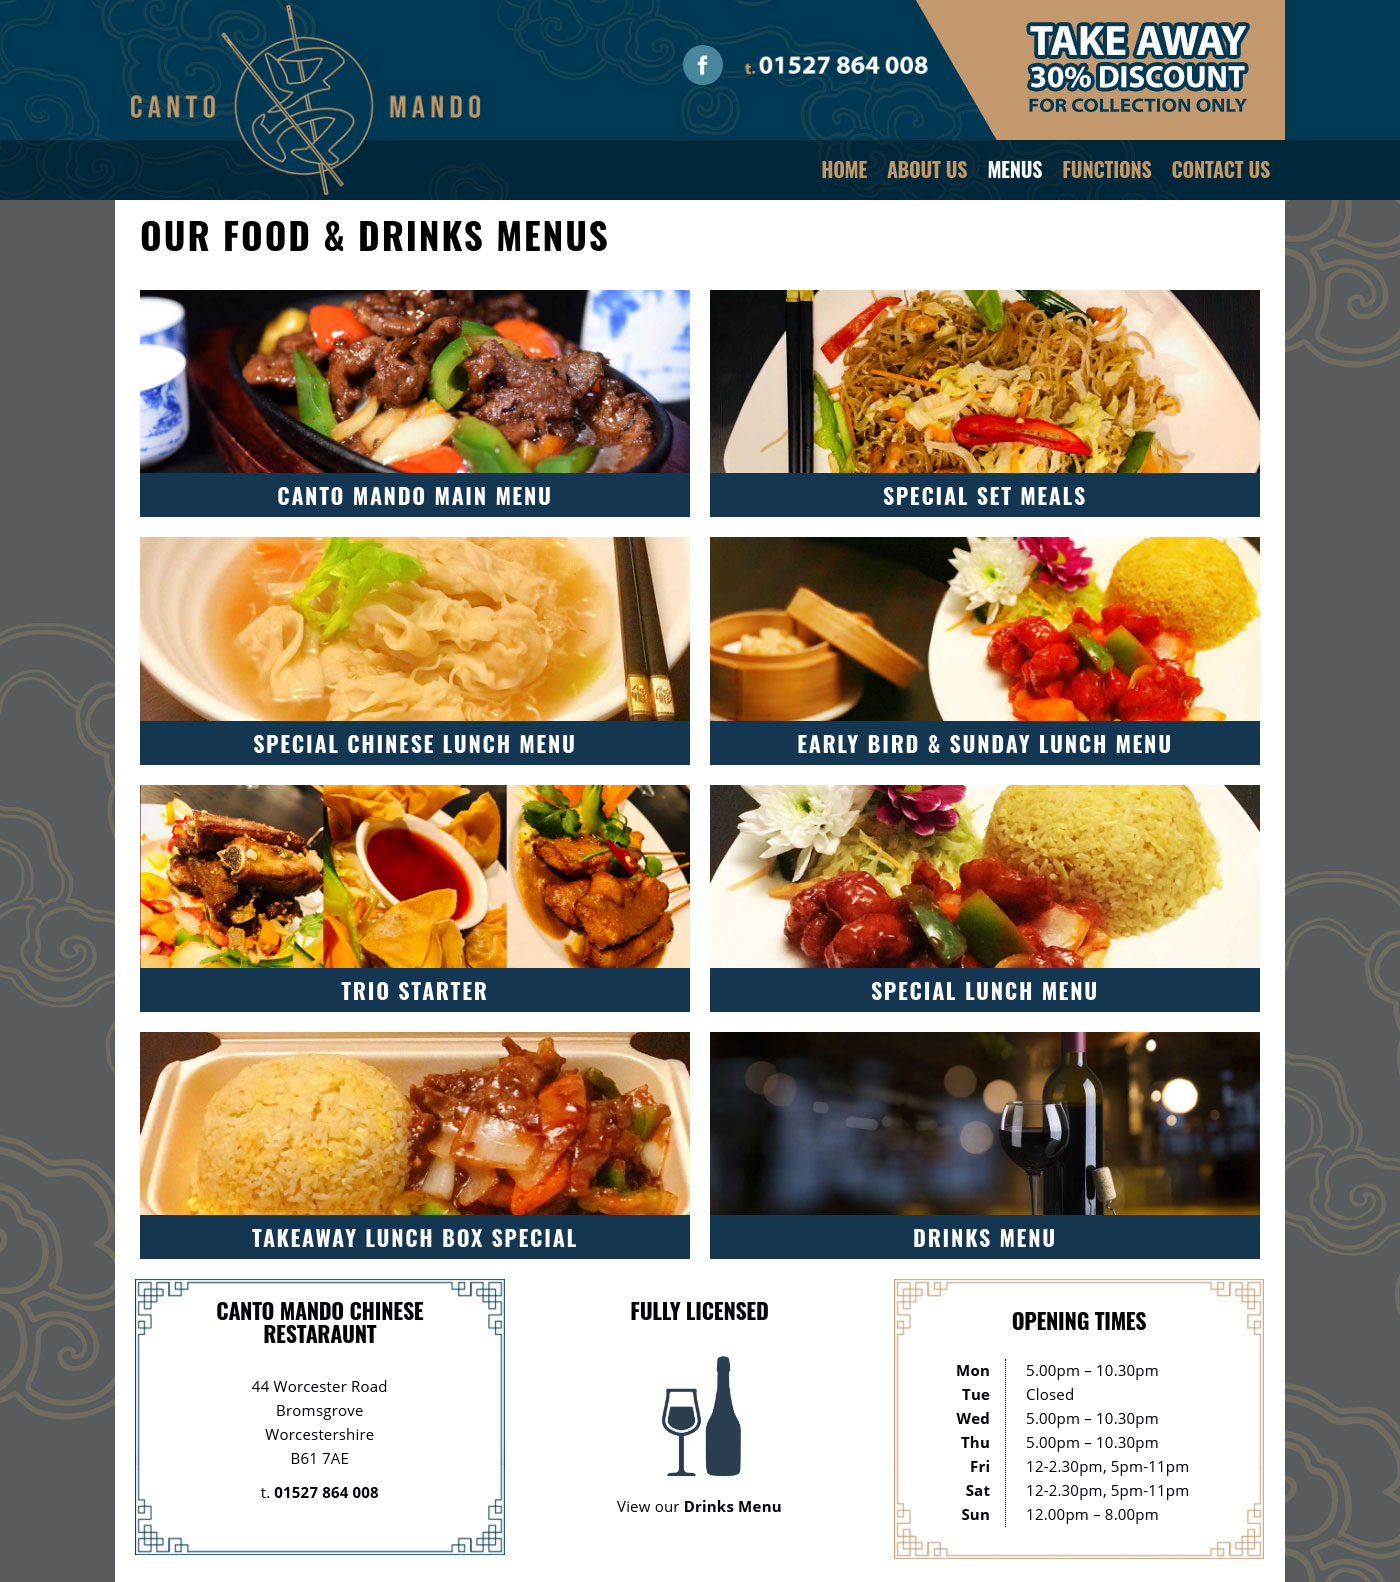 Canto Mando Website Bromsgrove